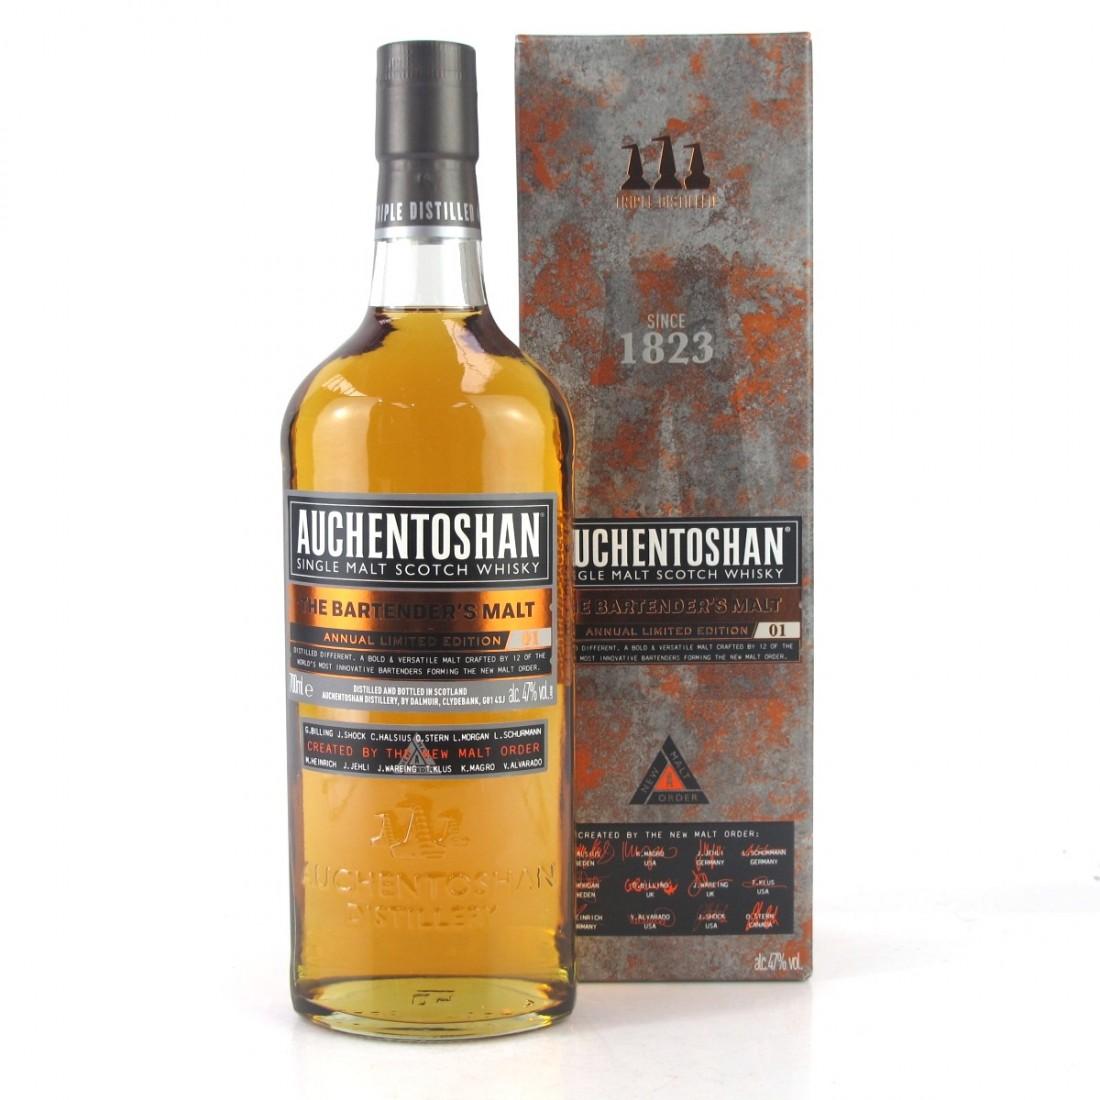 Auchentoshan The Bartender's Malt Limited Edition #01